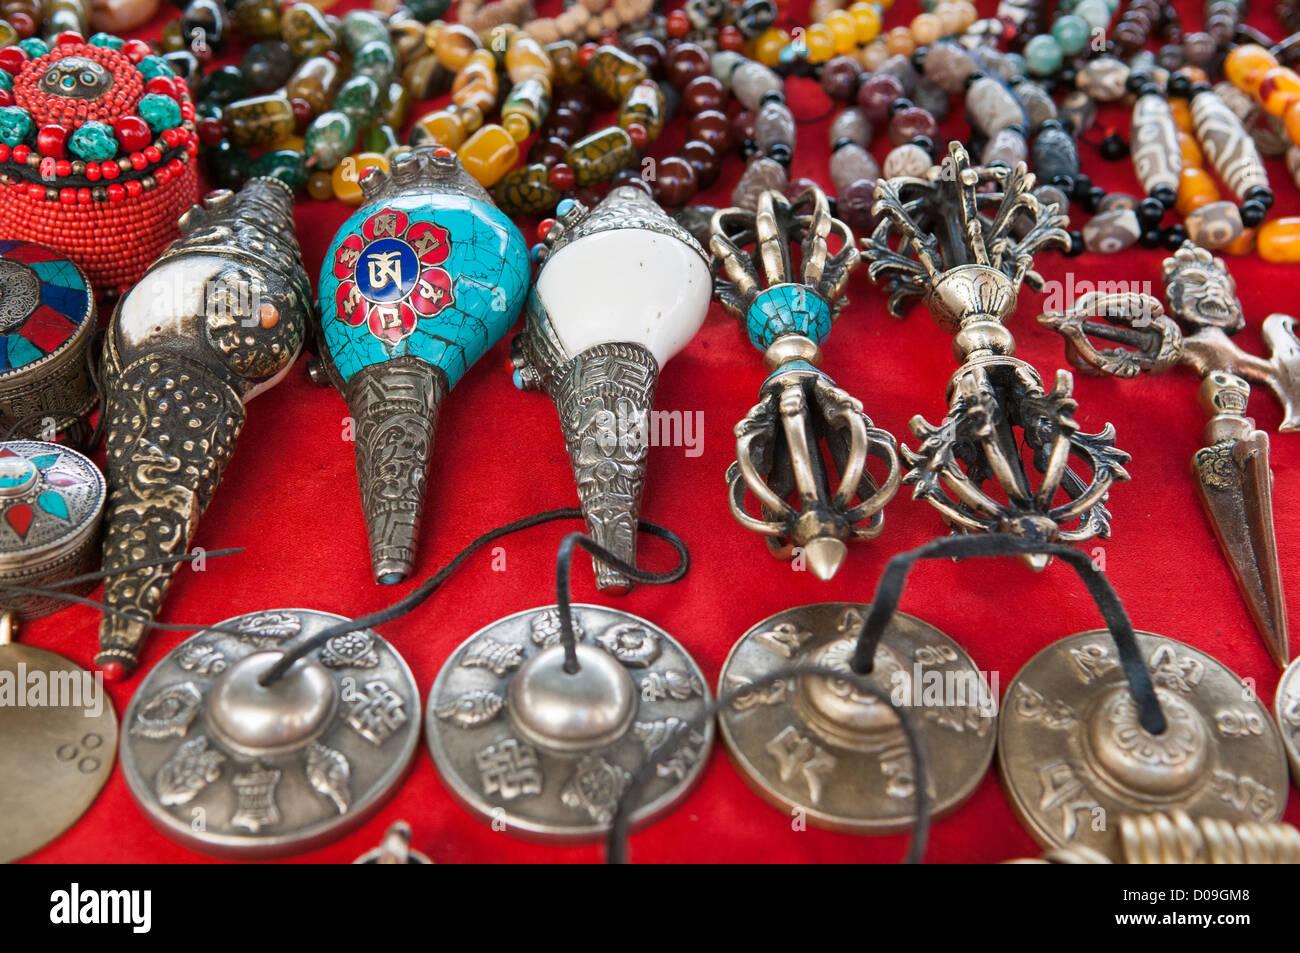 Conchiglia di corna, perline e oggetti religiosi in stallo di souvenir, Shigatse, nel Tibet Immagini Stock